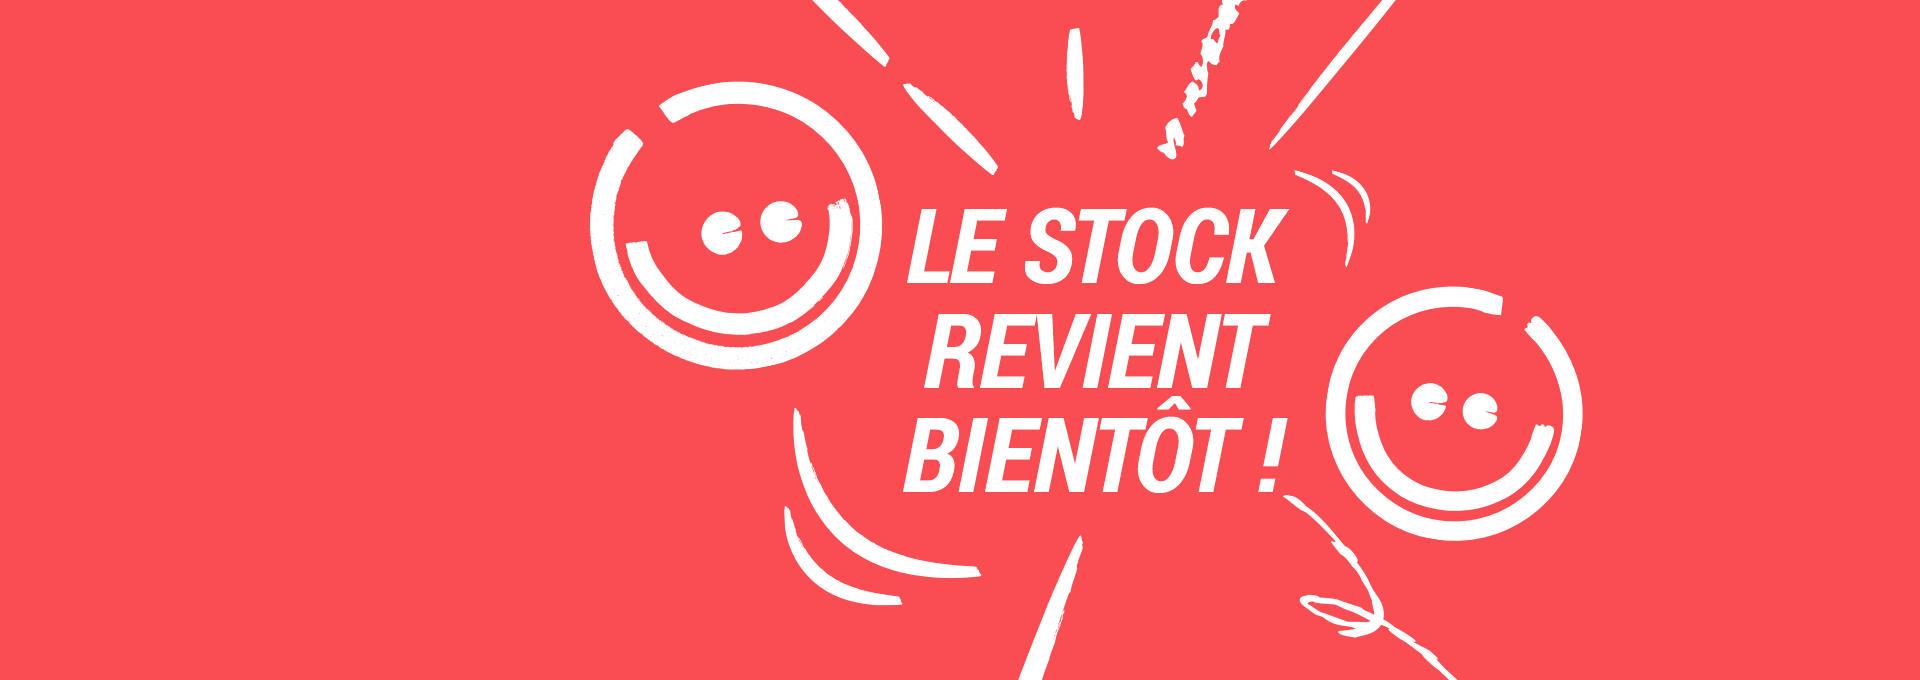 LE STOCK REVIENT BIENTOT